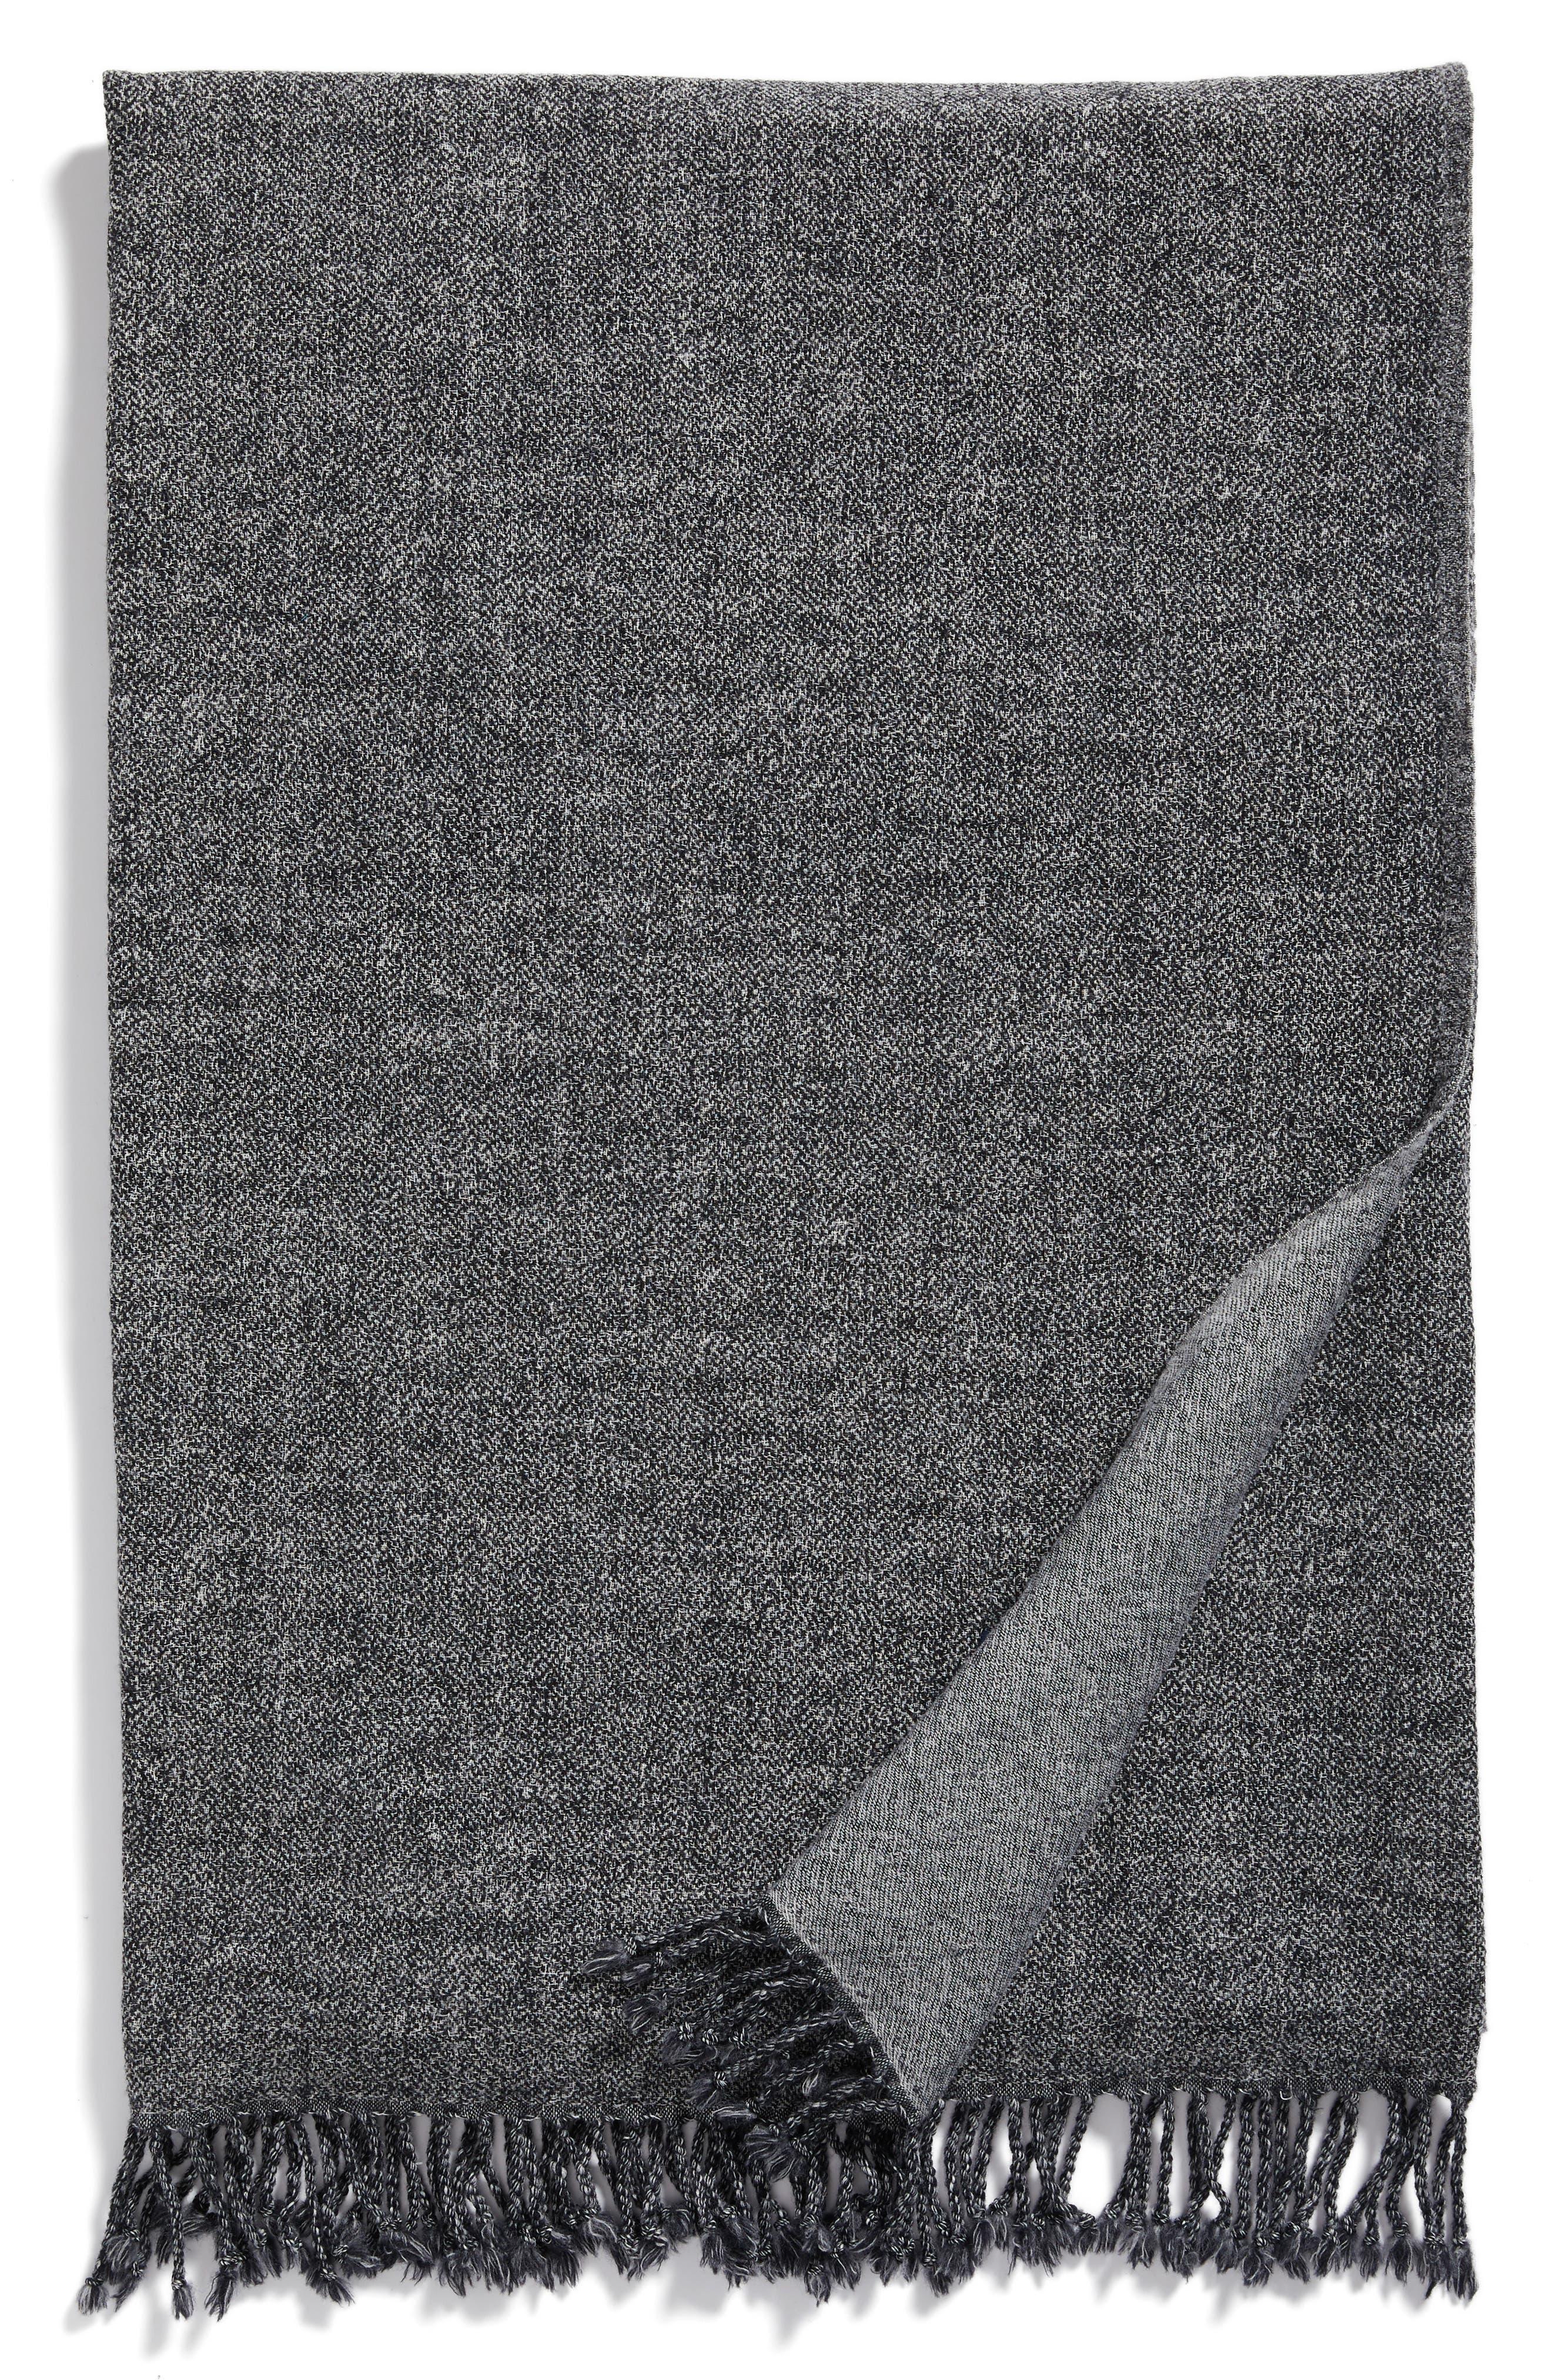 Blurred Herringbone Merino Wool Throw,                             Main thumbnail 1, color,                             Blurred Herringbone Grey